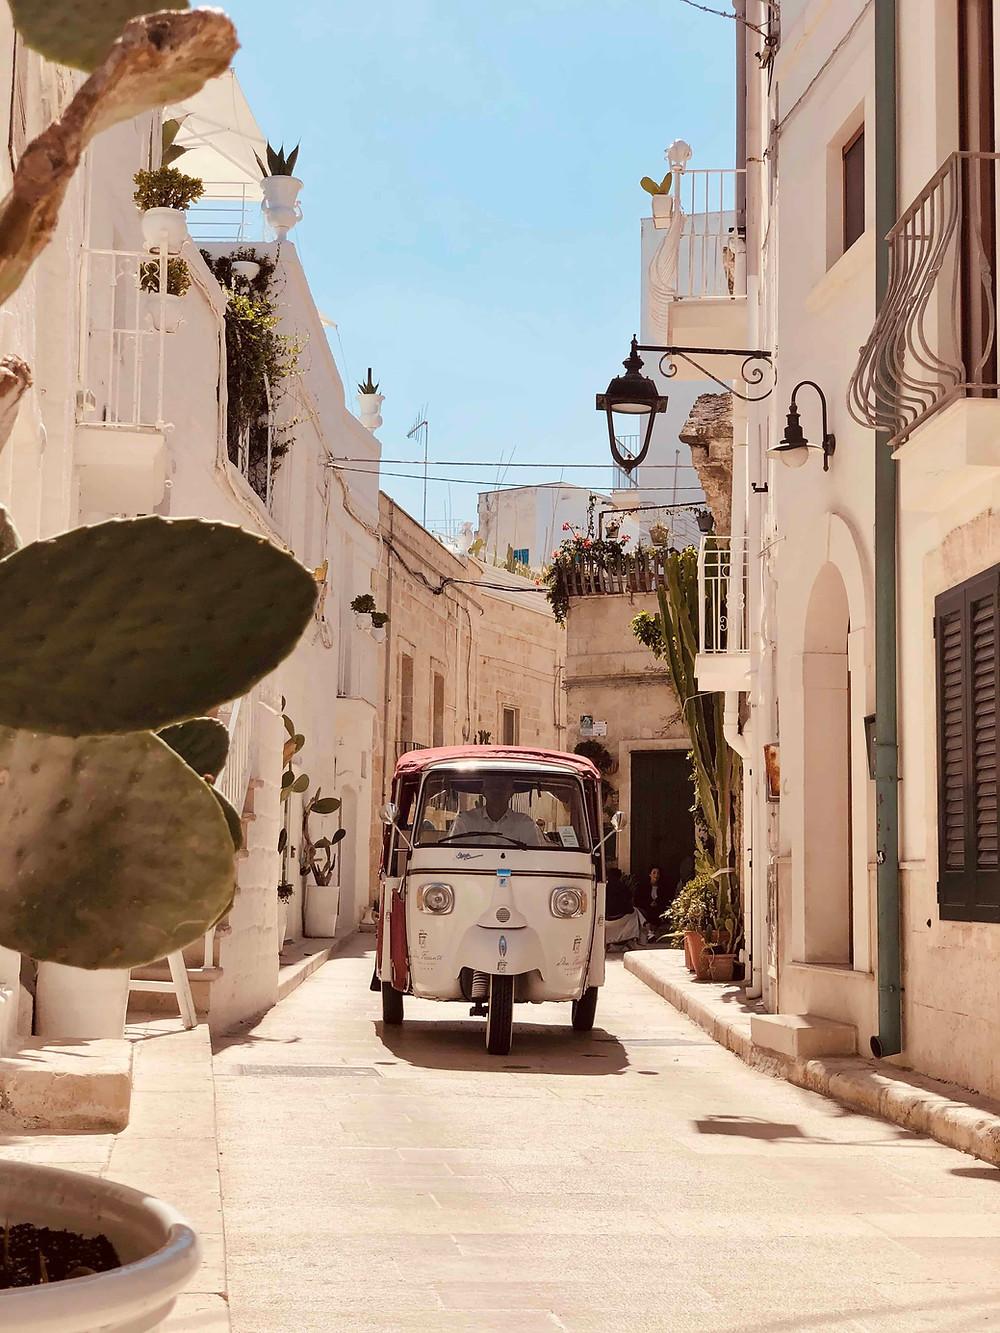 Historic center of Monopoli Puglia-Italy